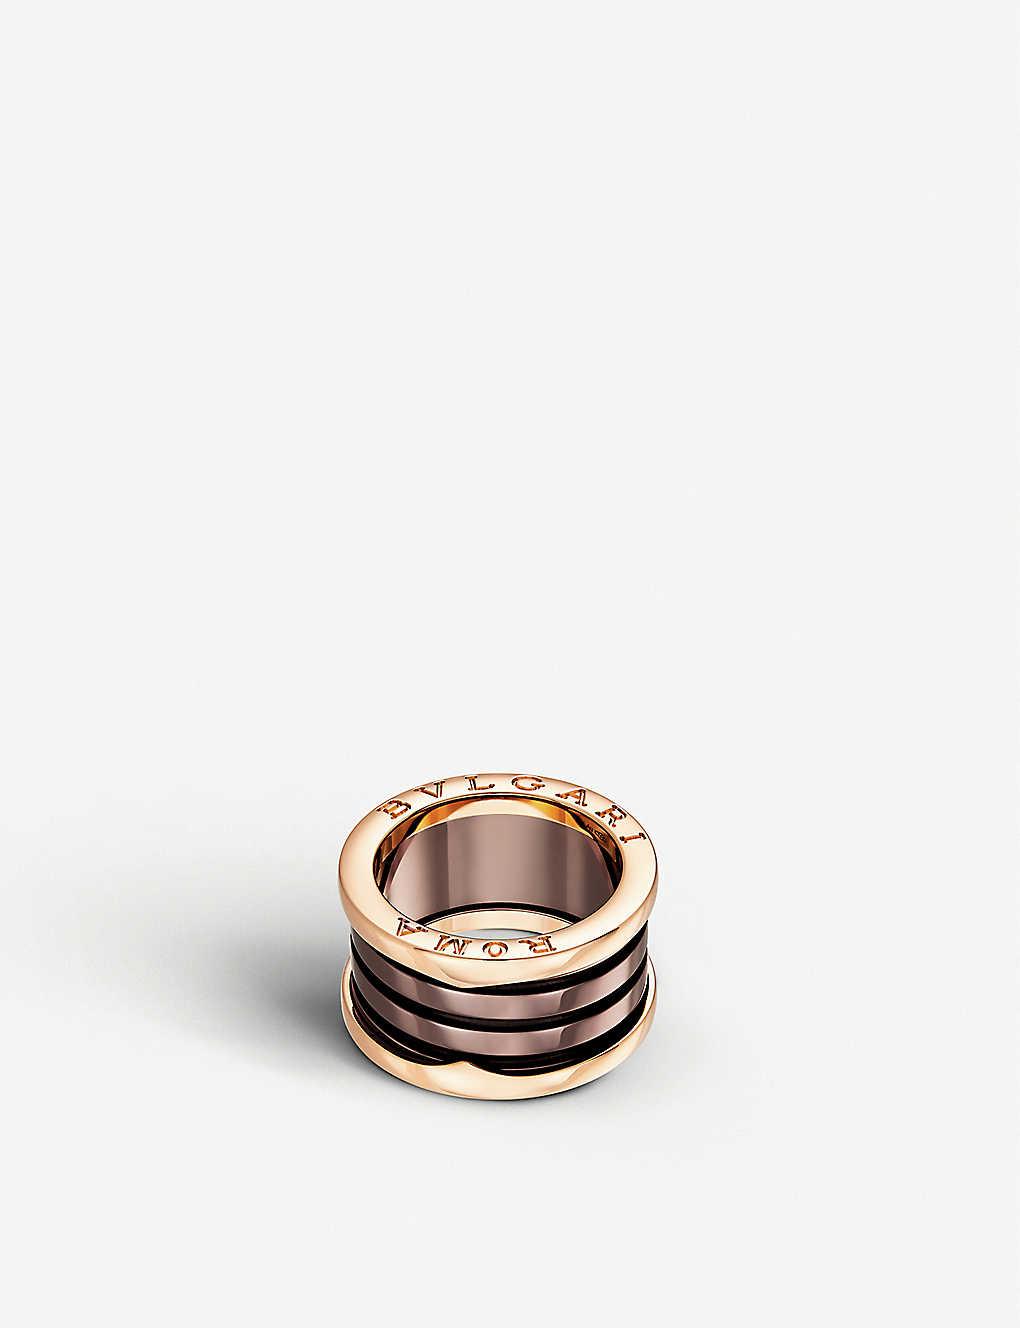 bvlgari bzero1 roma fourband 18kt pinkgold and bronze ceramic ring